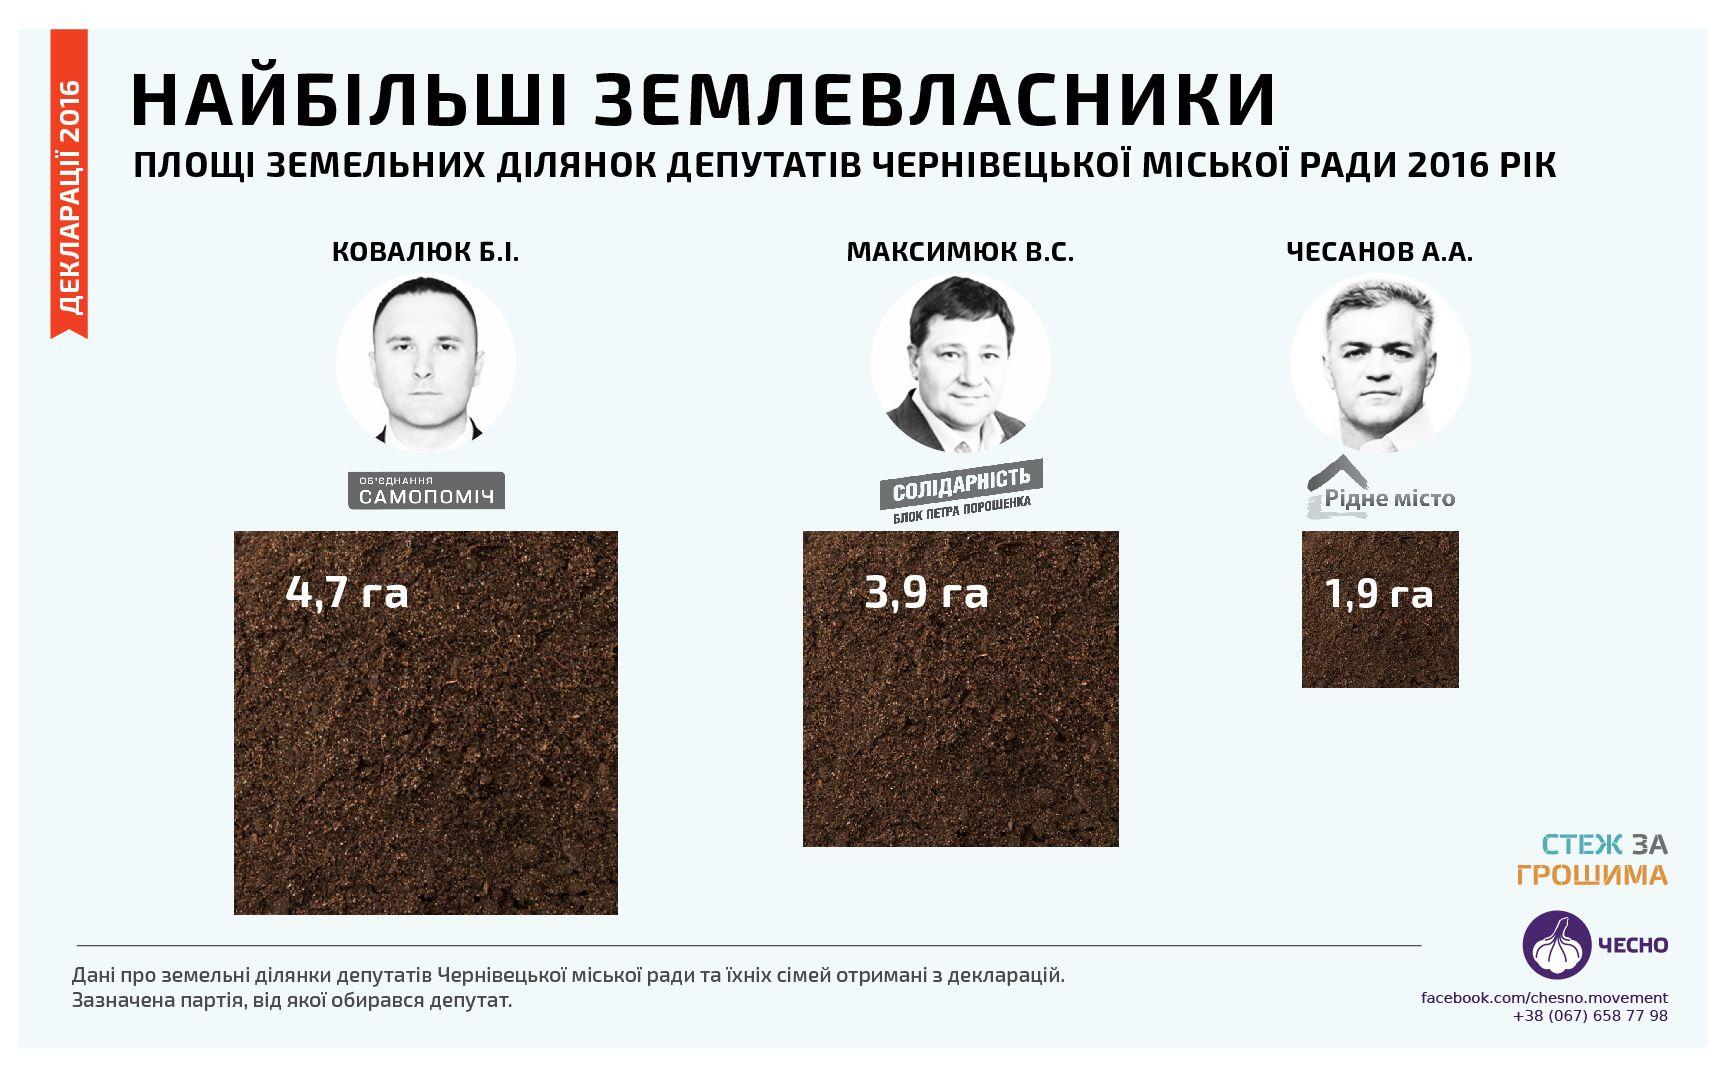 депутатів Чернівецької міської ради є найбільшими землевласниками